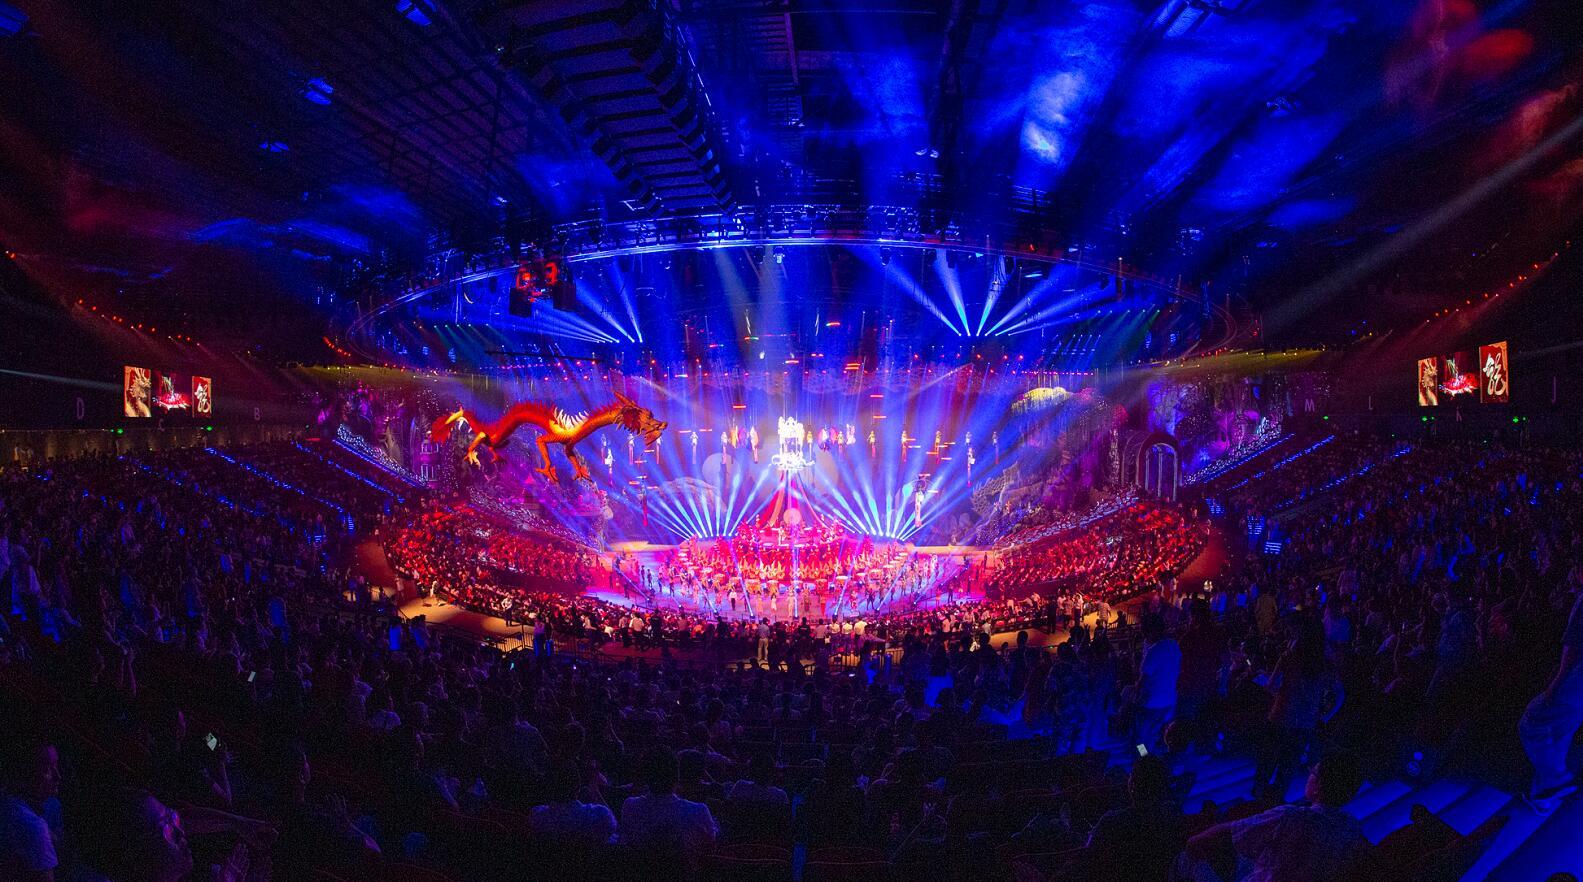 珠海长隆剧院《龙秀》预演拉开大湾区国际演艺新序幕